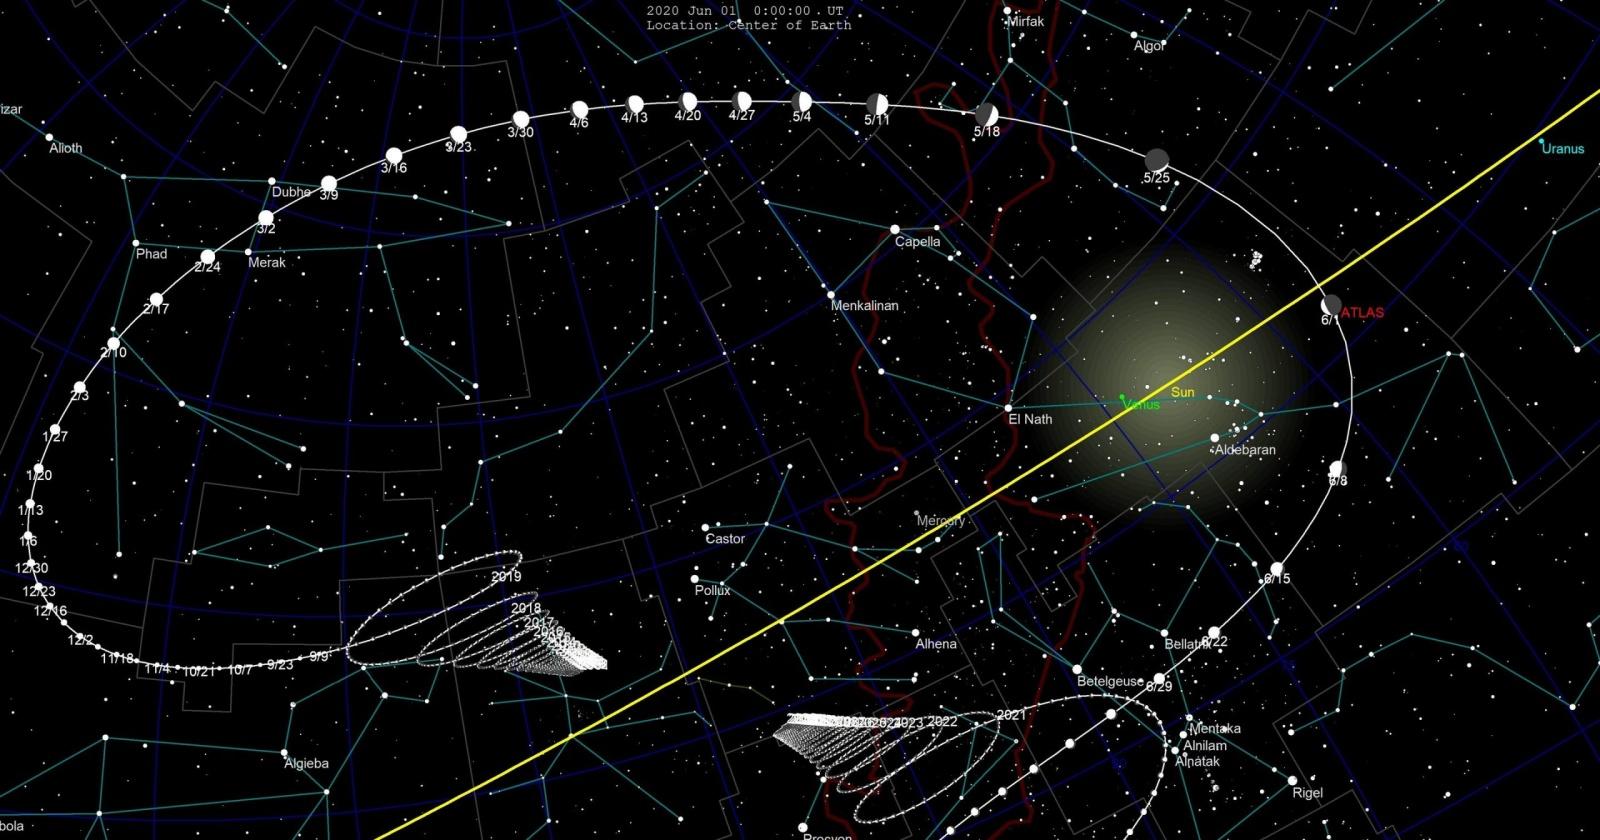 К Солнцу летит комета, которая может устроить световое шоу